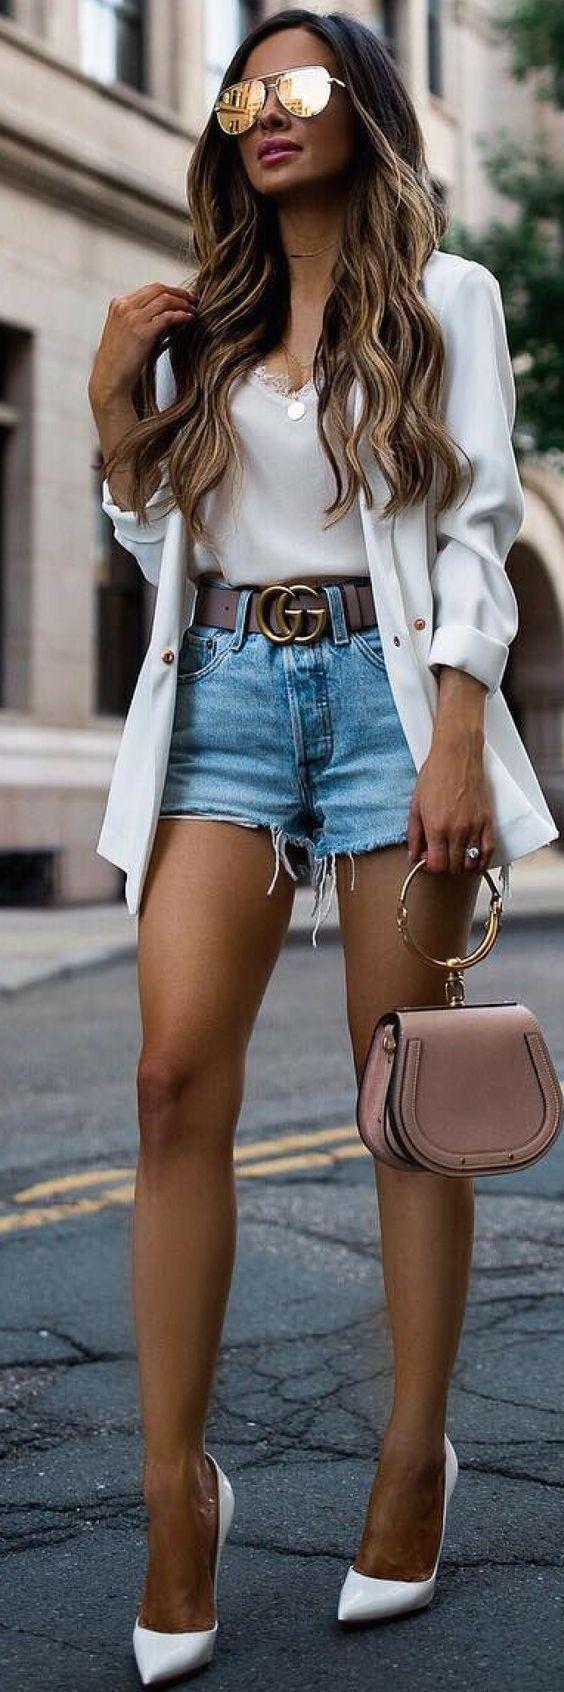 #Aussehen  #die  #fabelhaft  #lassen  #Lässige  #Sie  #Sommeroutfits #Sommer-Outfits, #fabelhaft  22 lässige Sommer-Outfits, die Sie fabelhaft aussehen lassen -